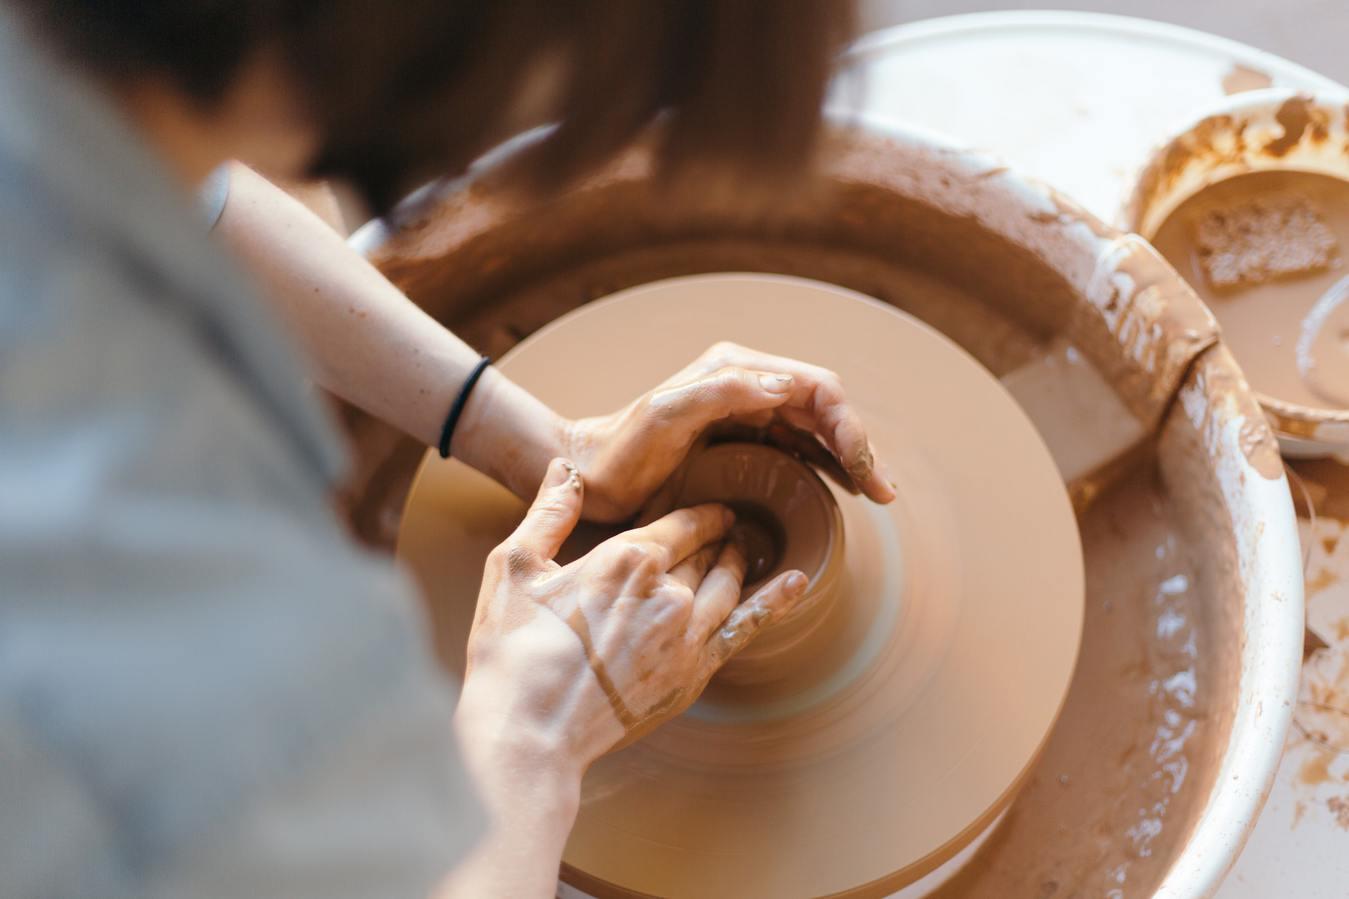 Cerâmica artesanal